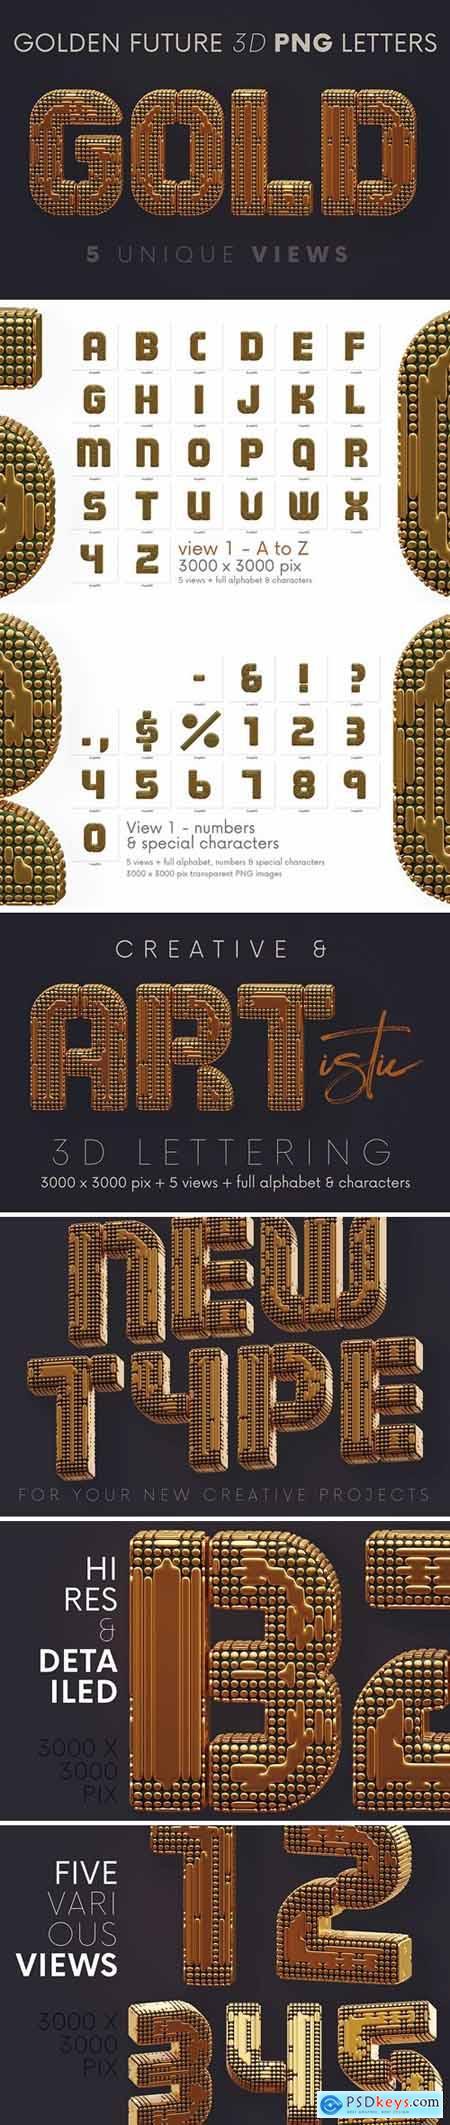 Golden Future - 3D Lettering